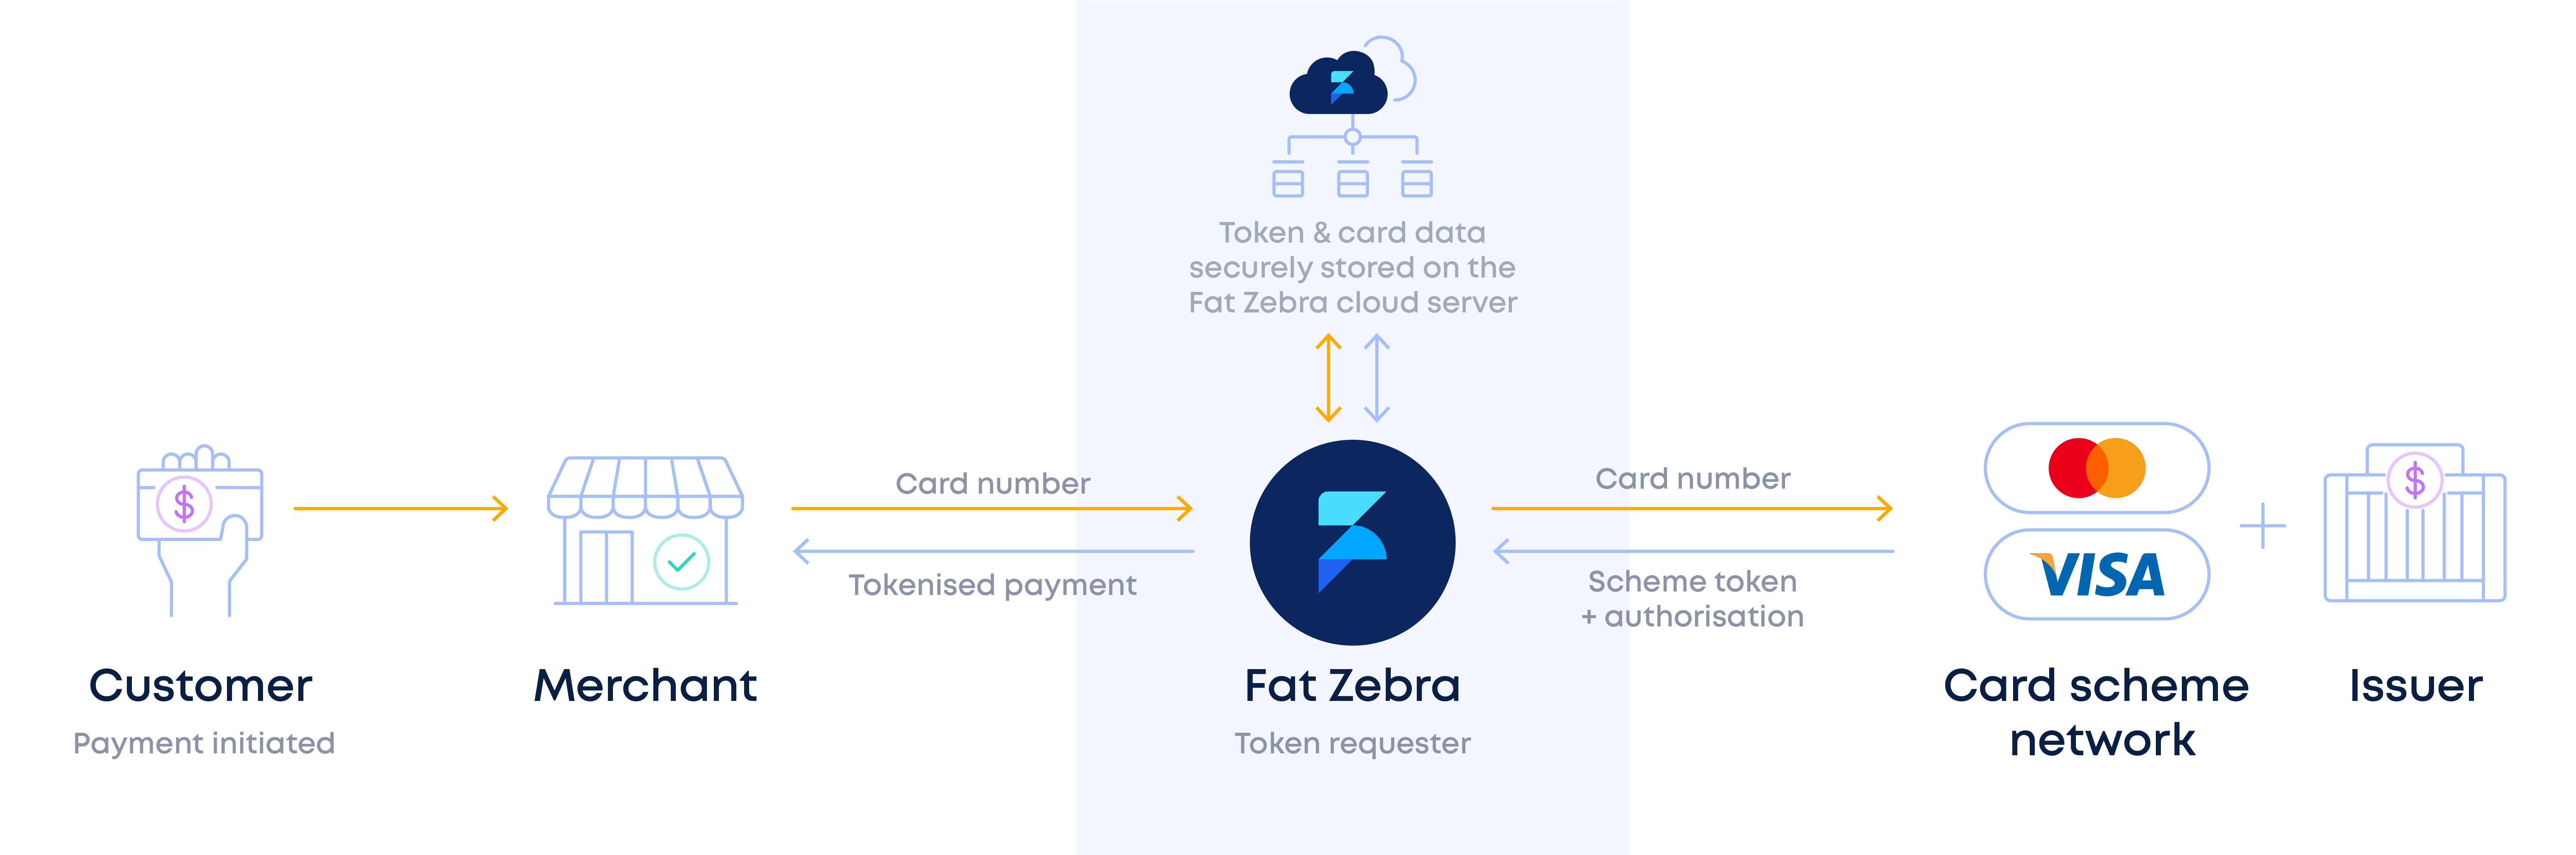 Fat Zebra scheme tokenisation diagram